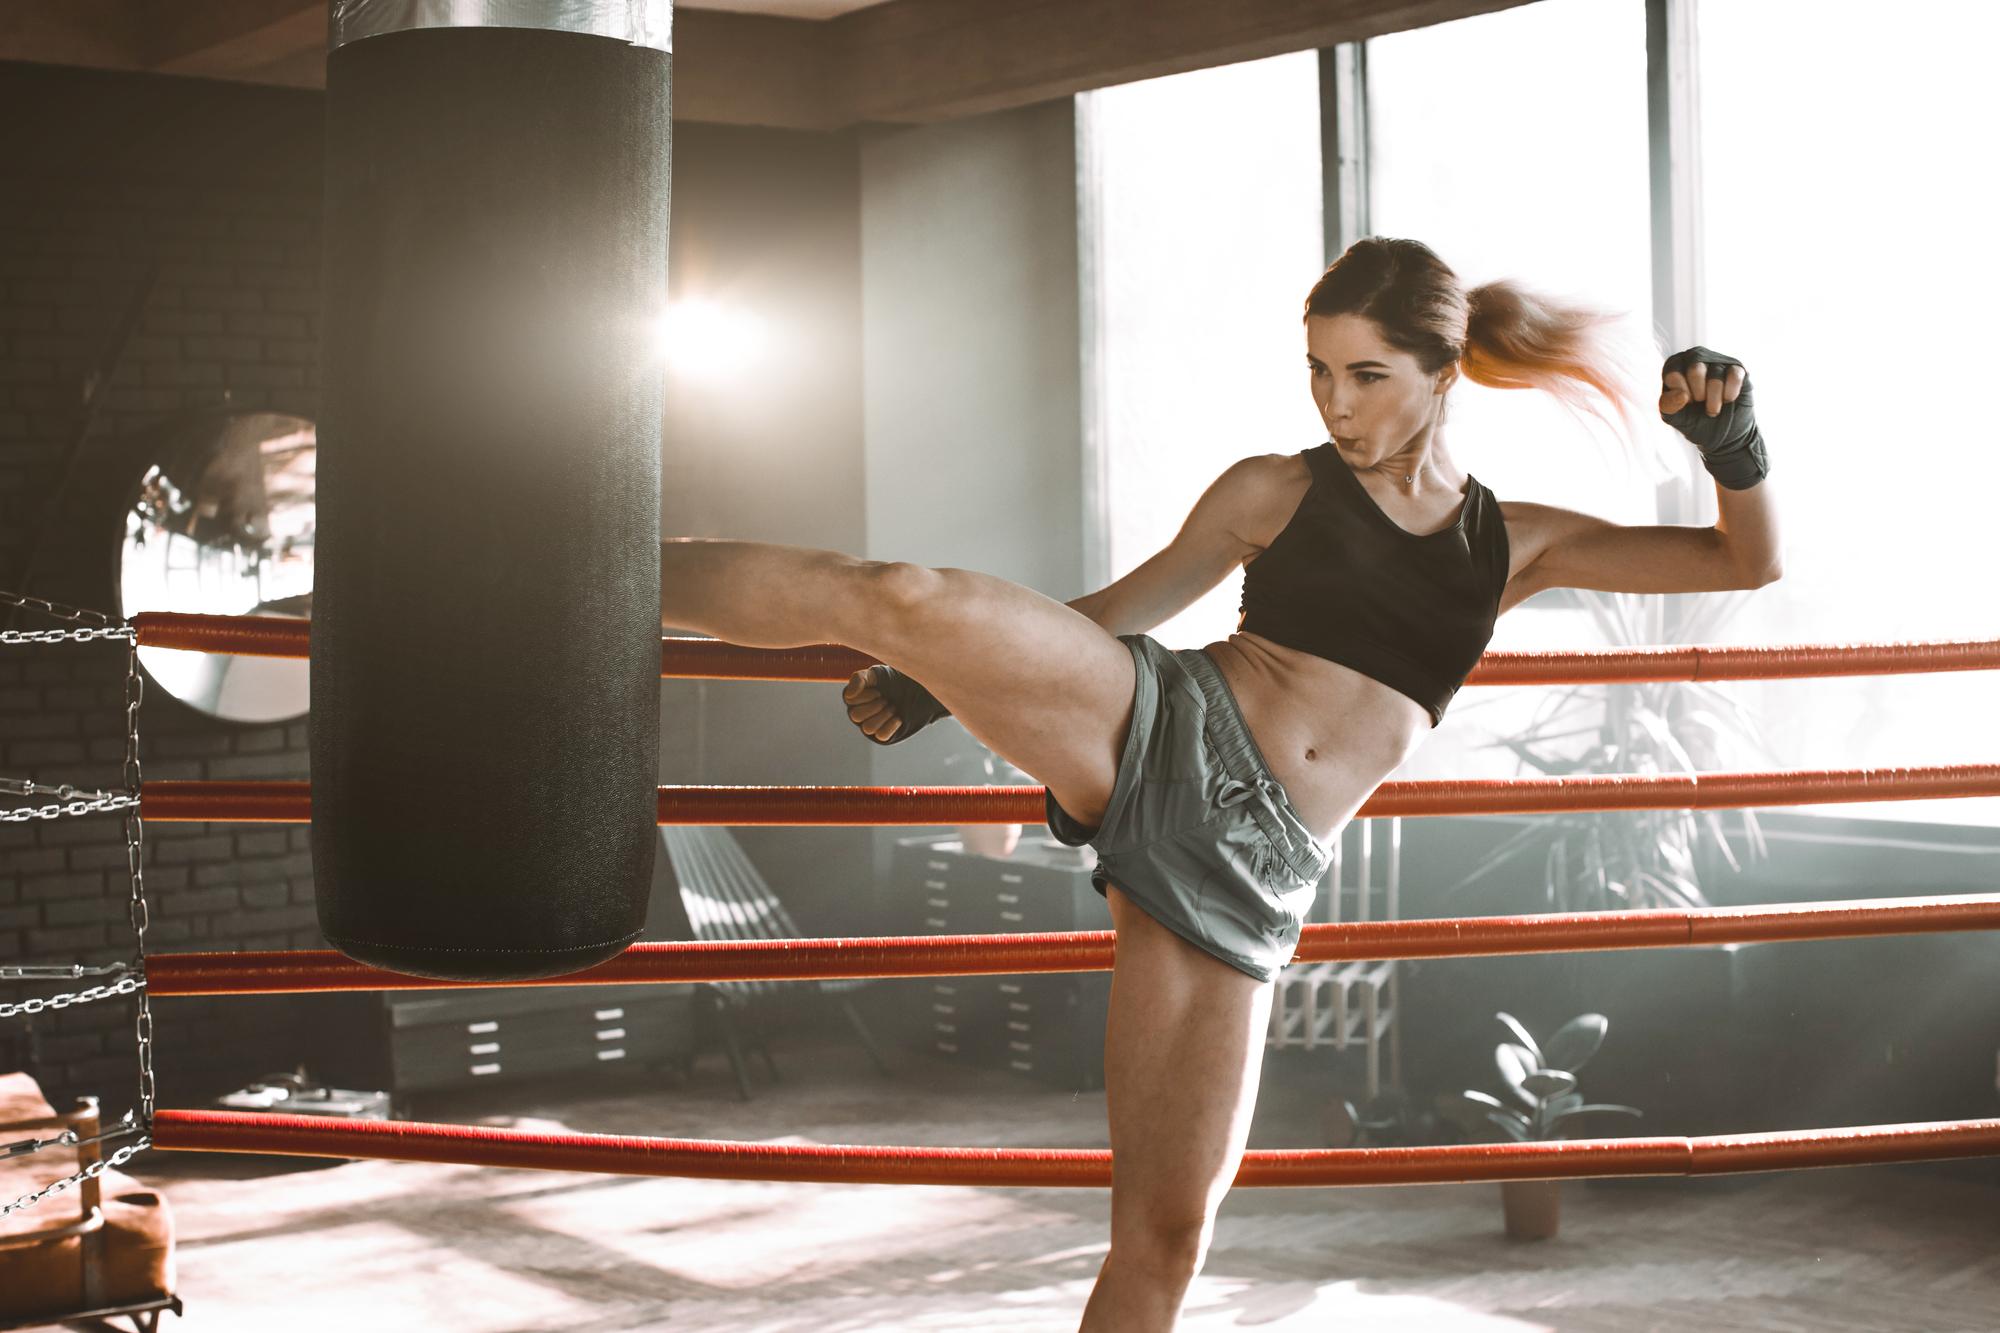 キックボクシングのジム選びで女性が悩むポイント